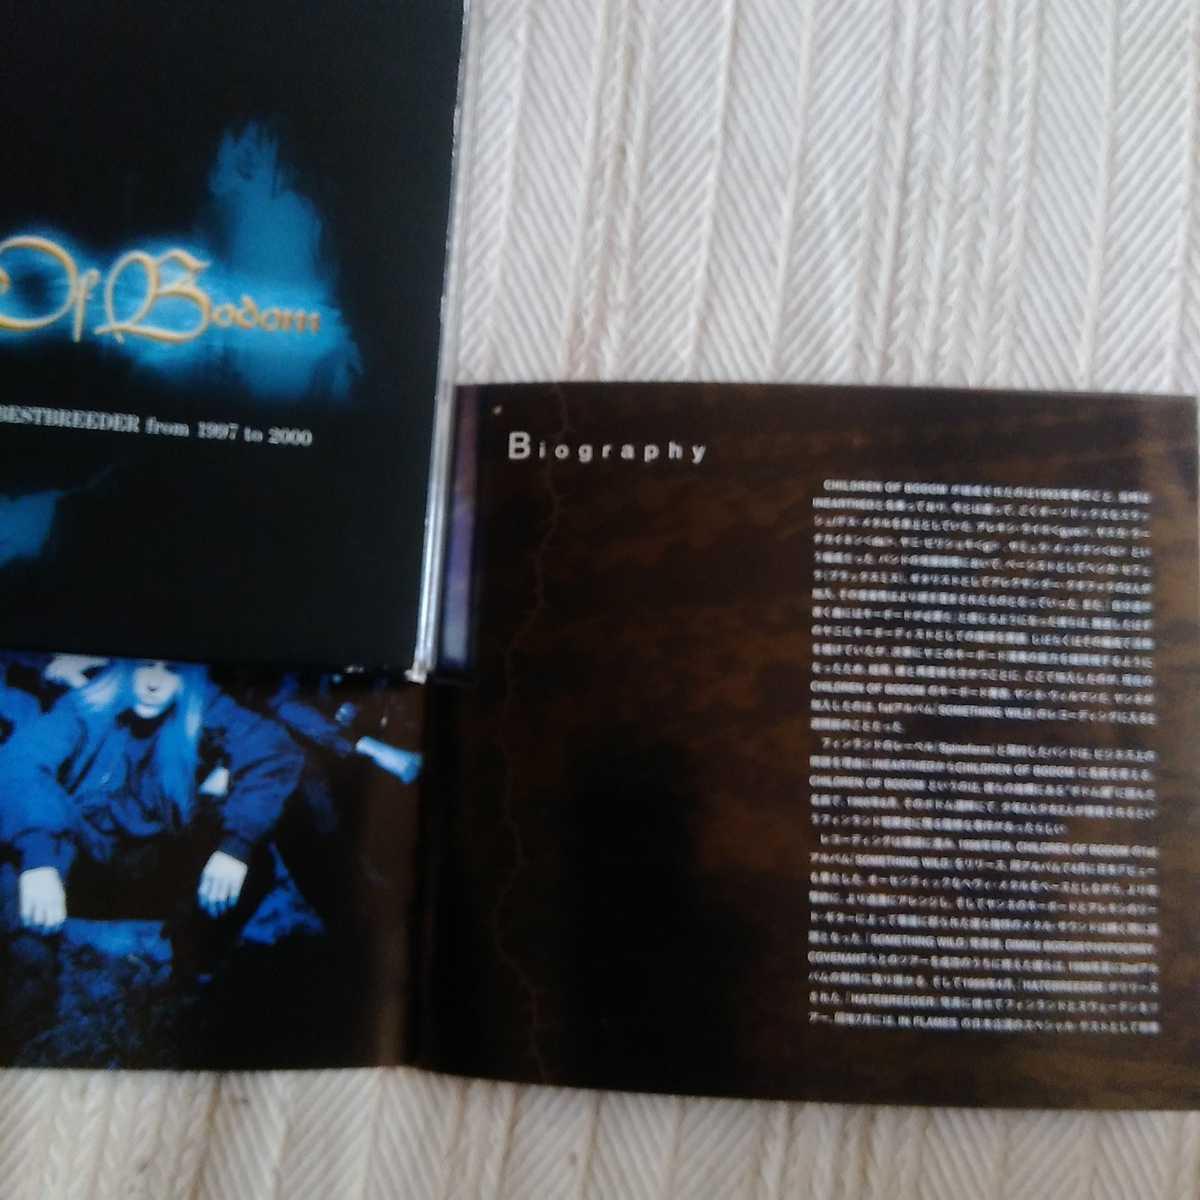 ベストブリーダー・フロム・1997・トゥ・2000 Children Of Bodom